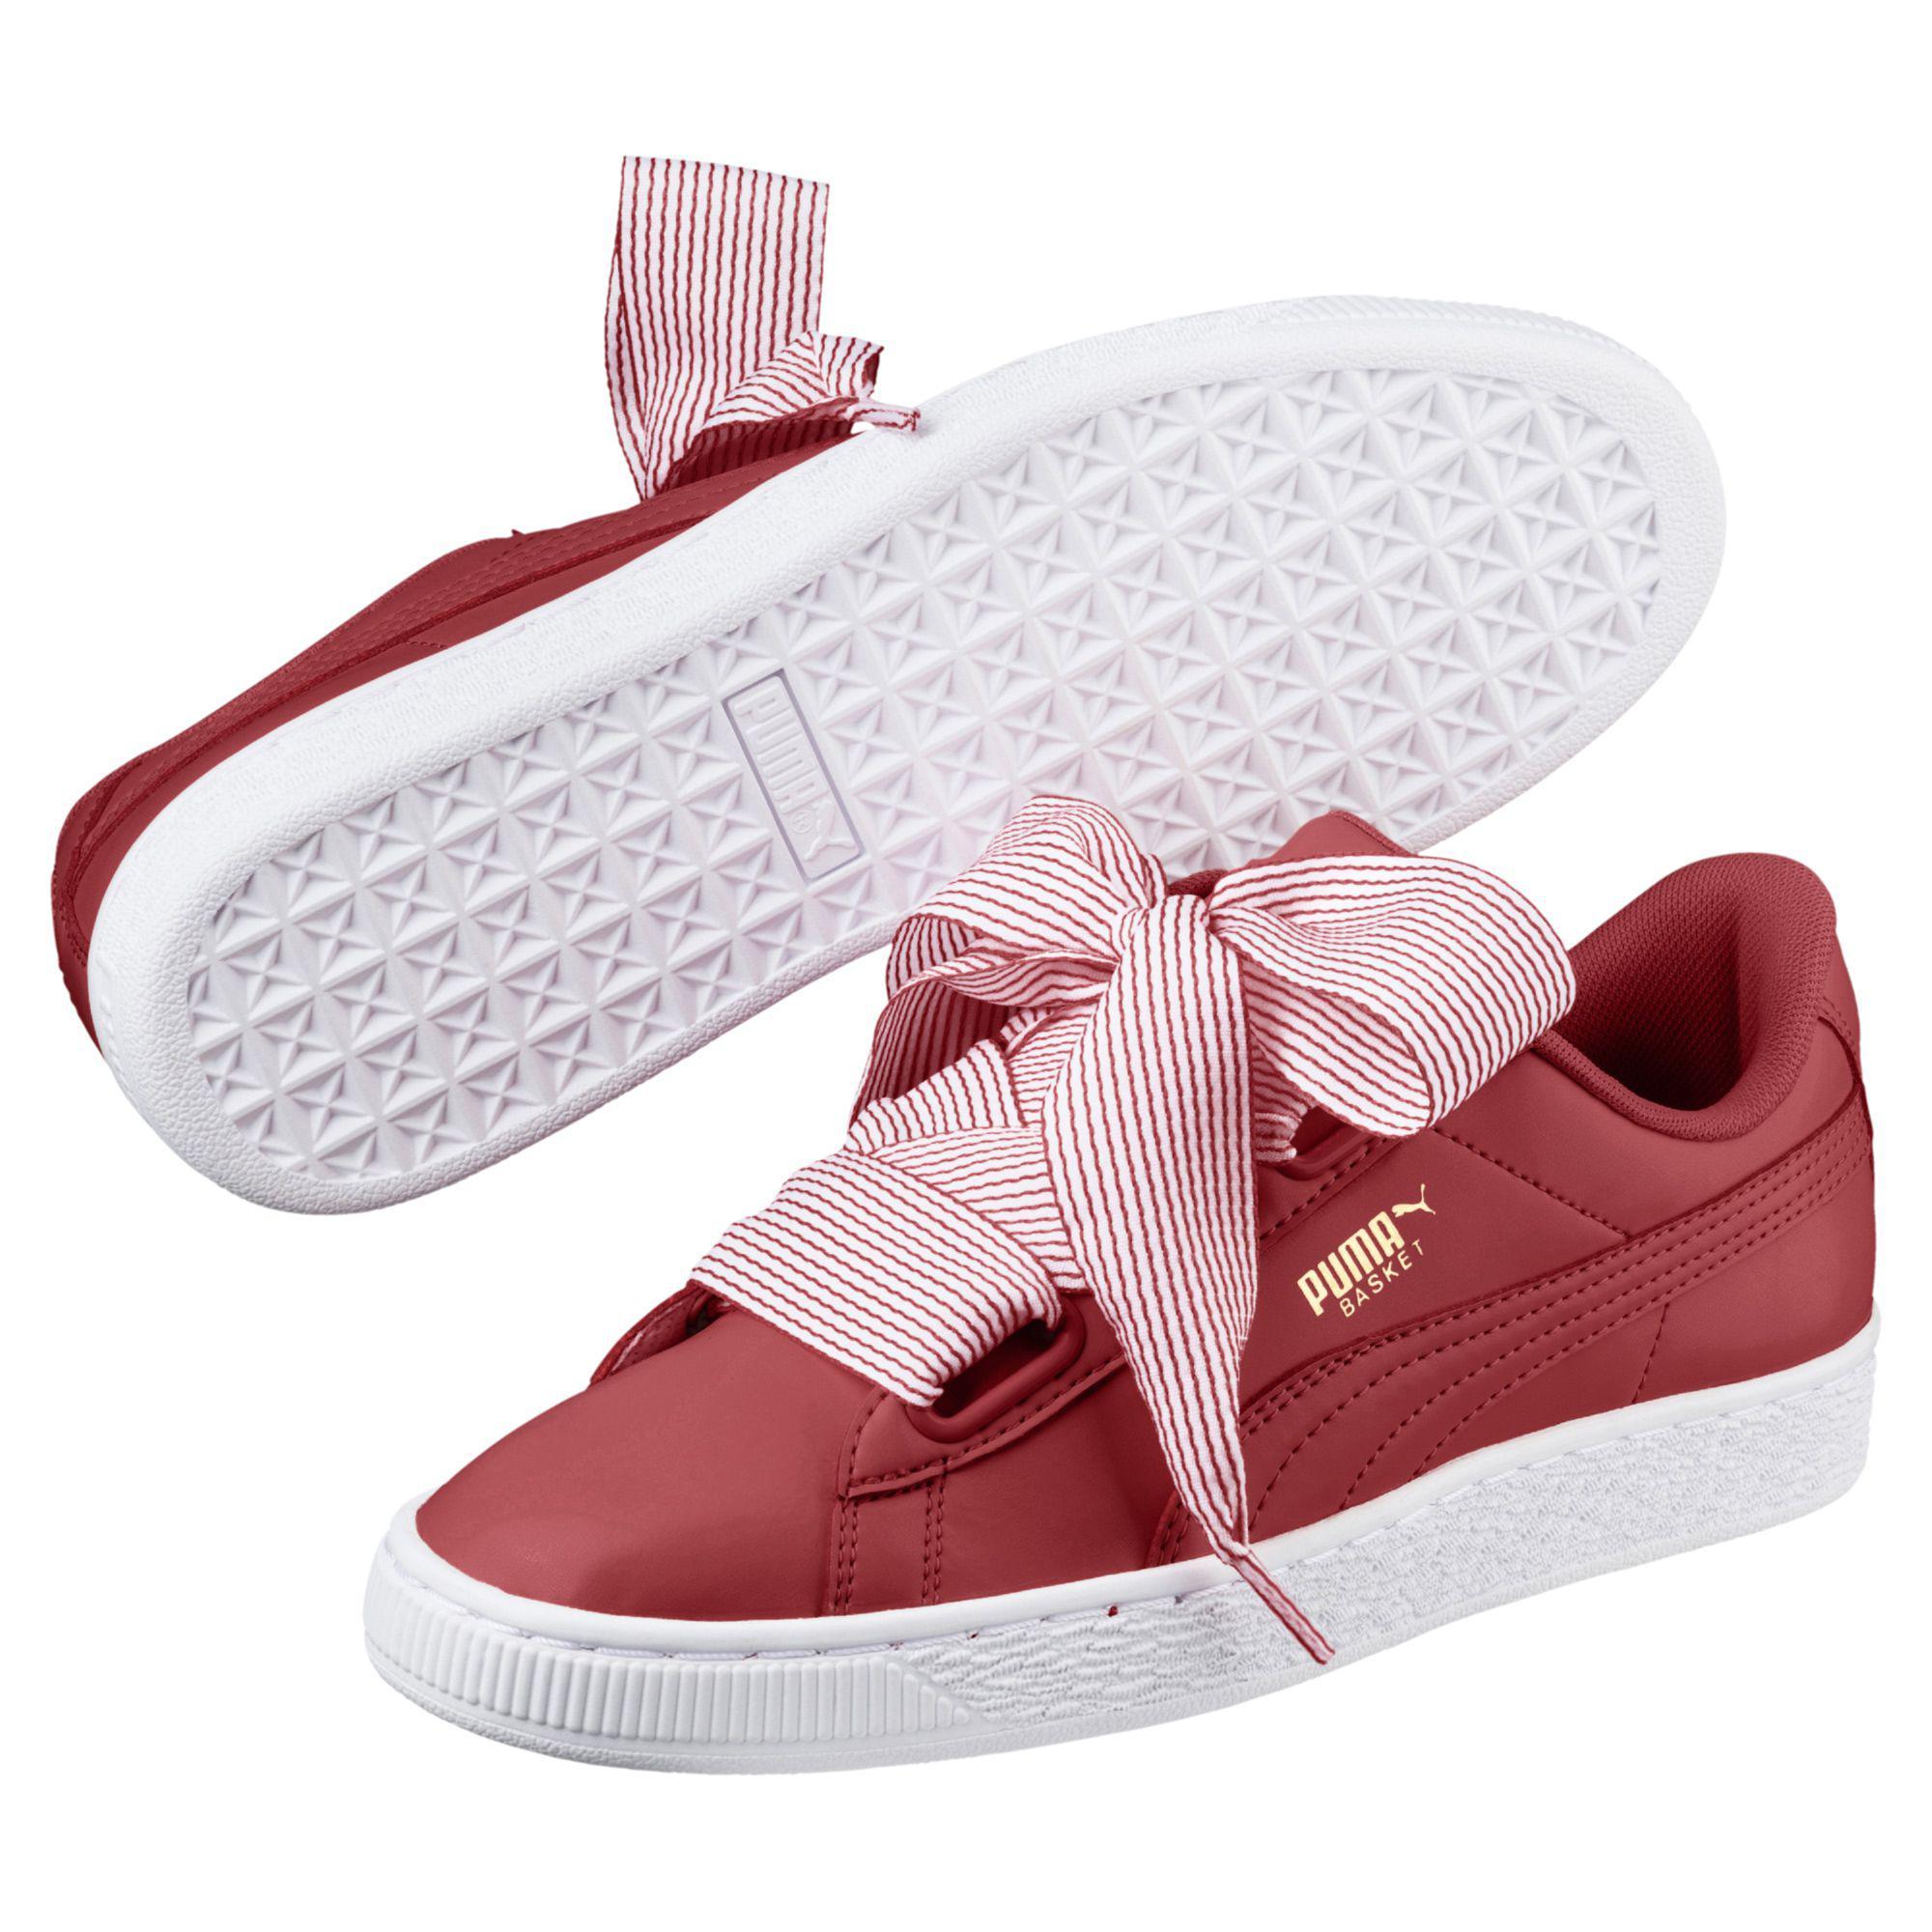 8ec55b3160483c Lyst - PUMA Basket Heart Women s Sneakers in Red